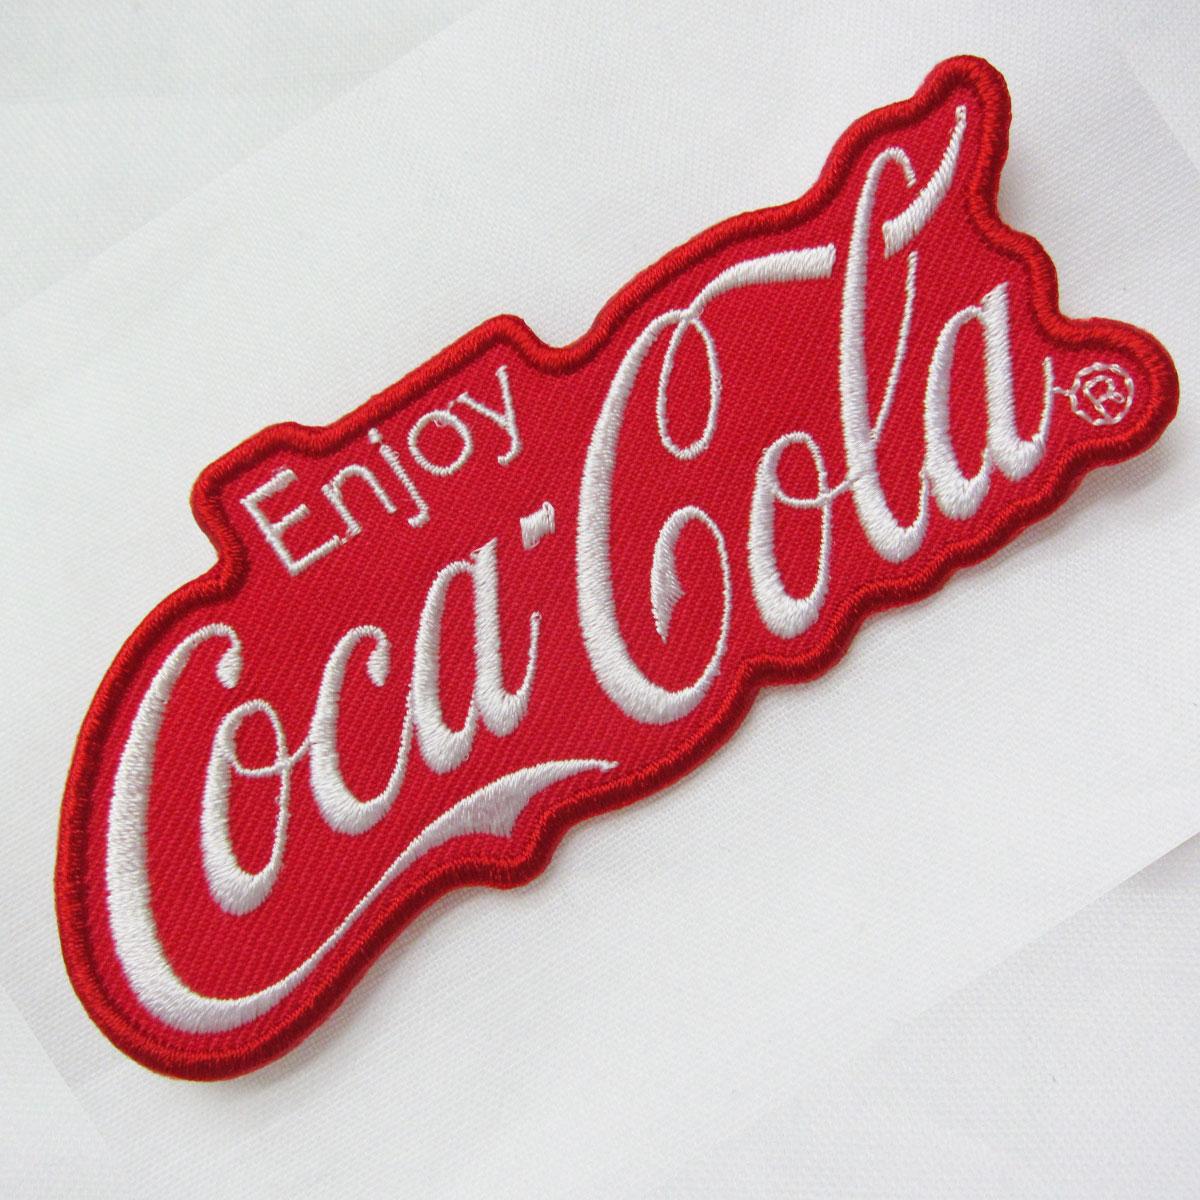 Coca−Cola☆CC−E1★コカ・コーラ ワッペン★EMBLEM☆Enjoy Coca−Cola /コカ・コーラ